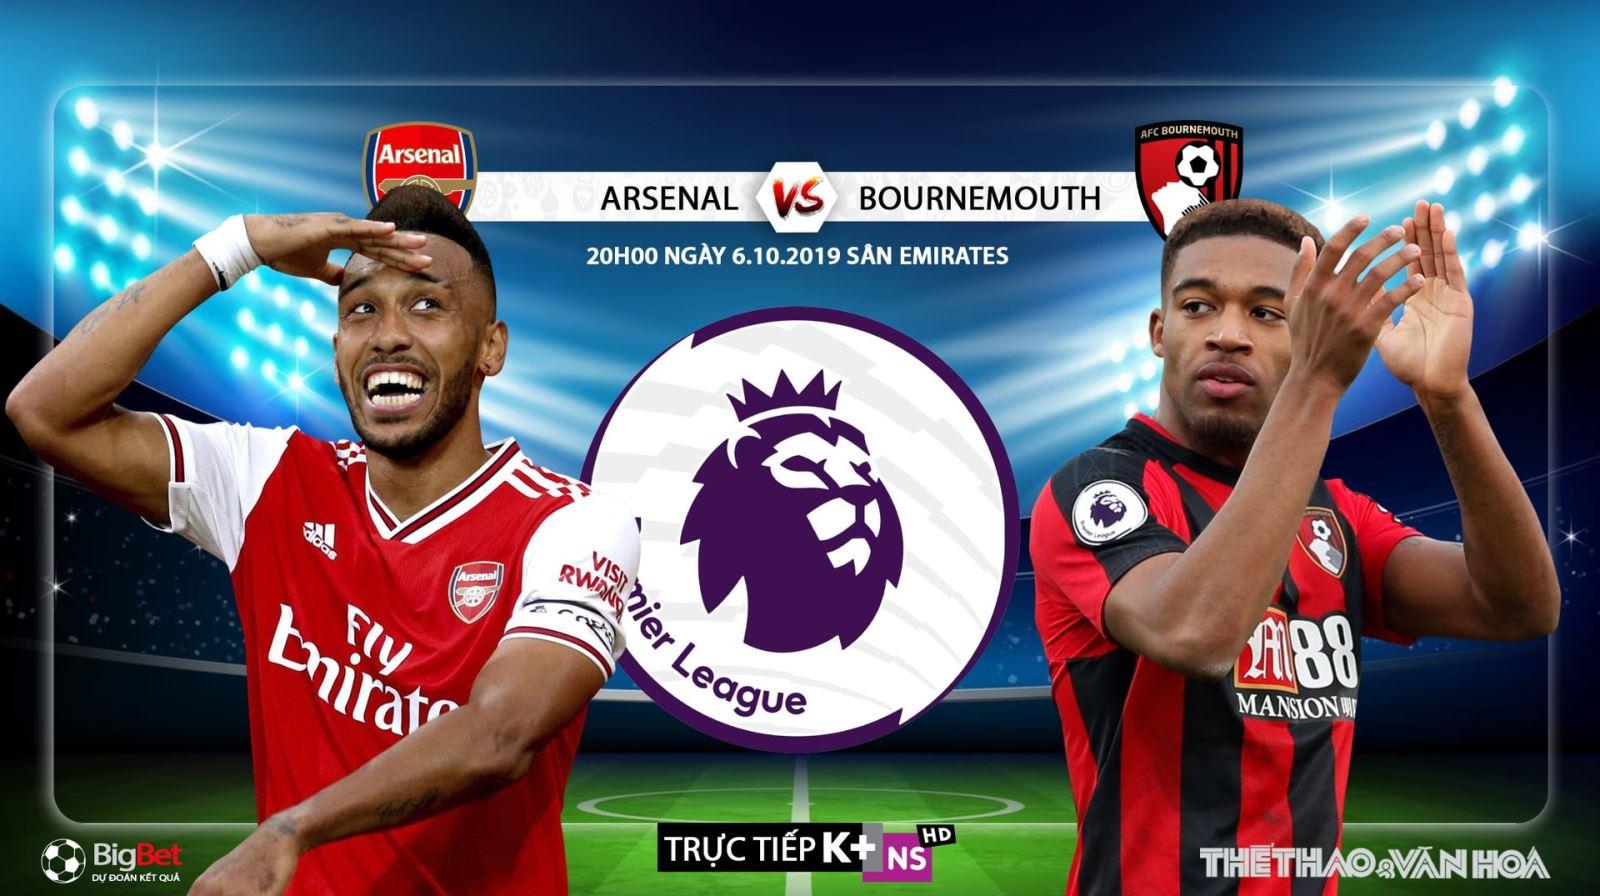 Soi kèo bóng đá: Arsenal đấu với Bournemouth, Ngoại hạng Anh. Trực tiếp K+, K+ PM